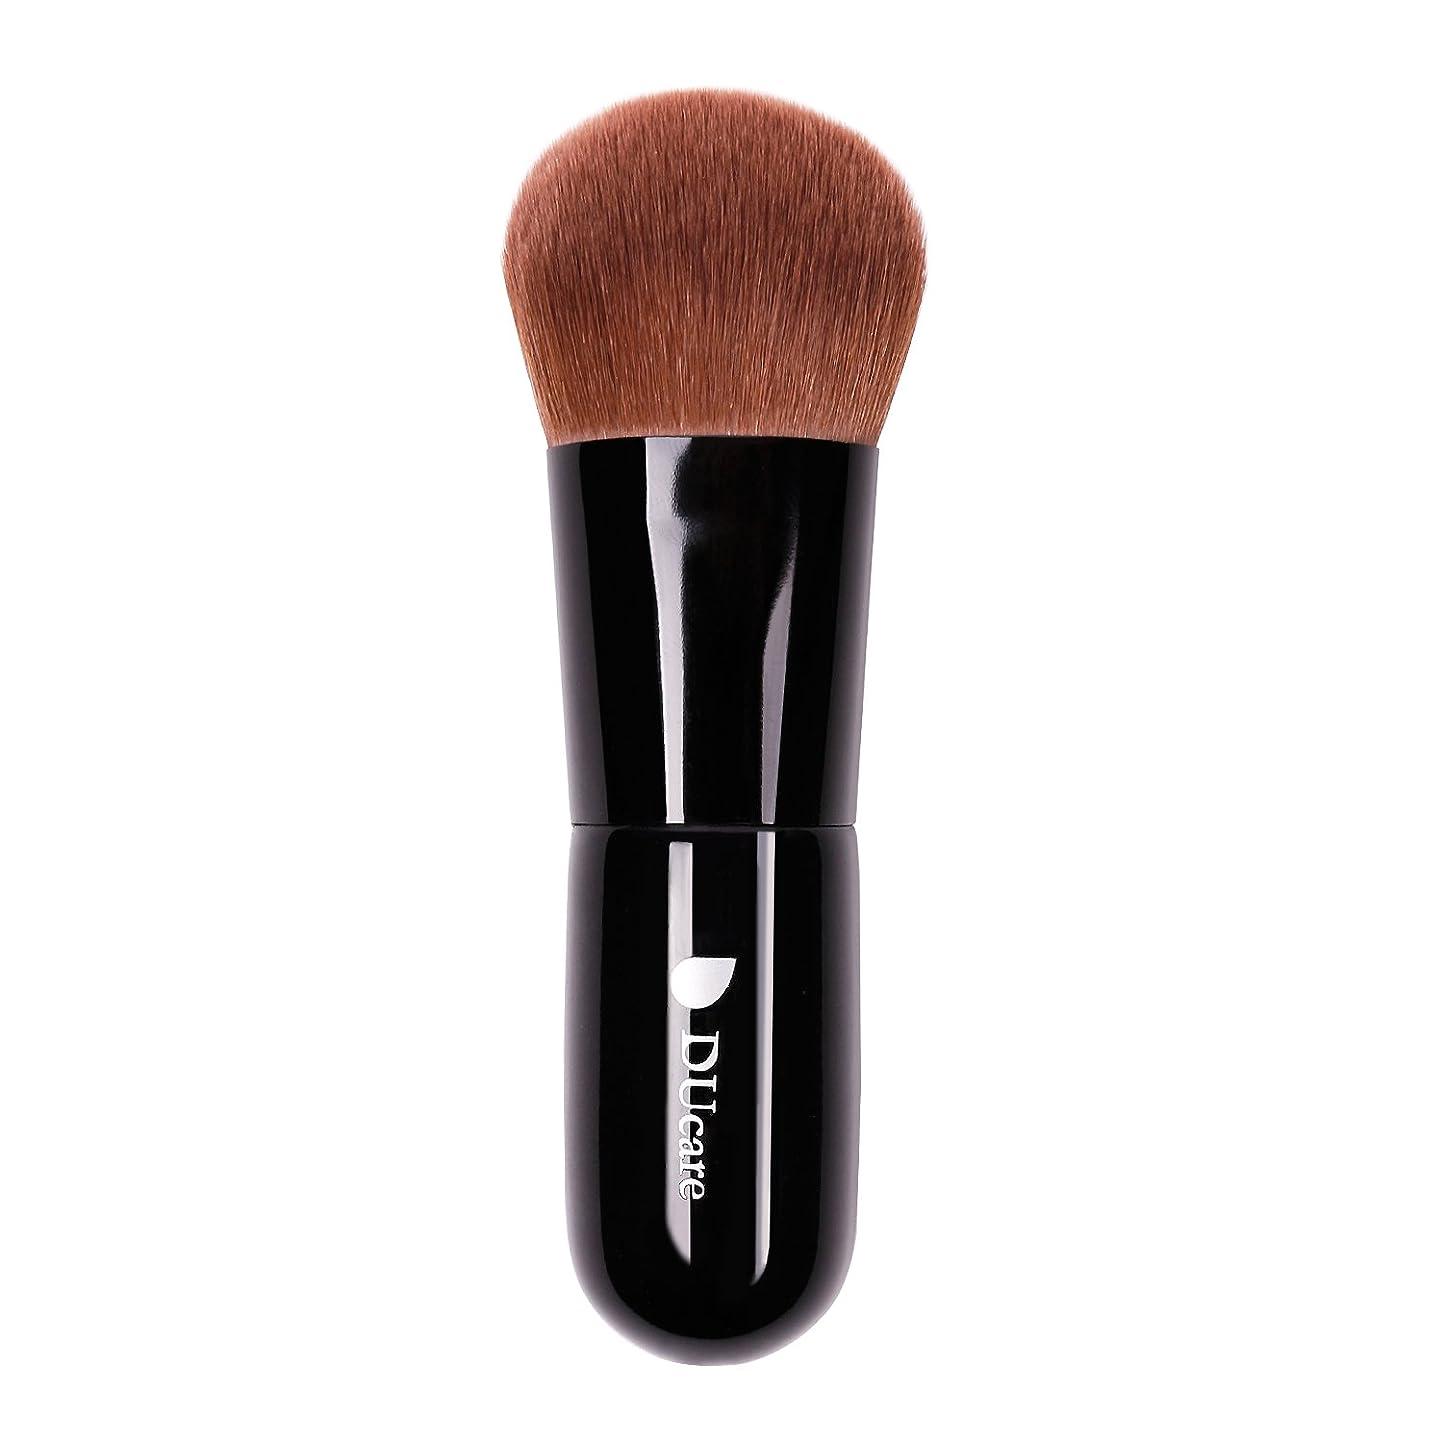 トークンぬいぐるみ裁判所ドゥケア(DUcare) 化粧筆 ファンデーションブラシ フェイスブラシ 最高級のタクロンを使用